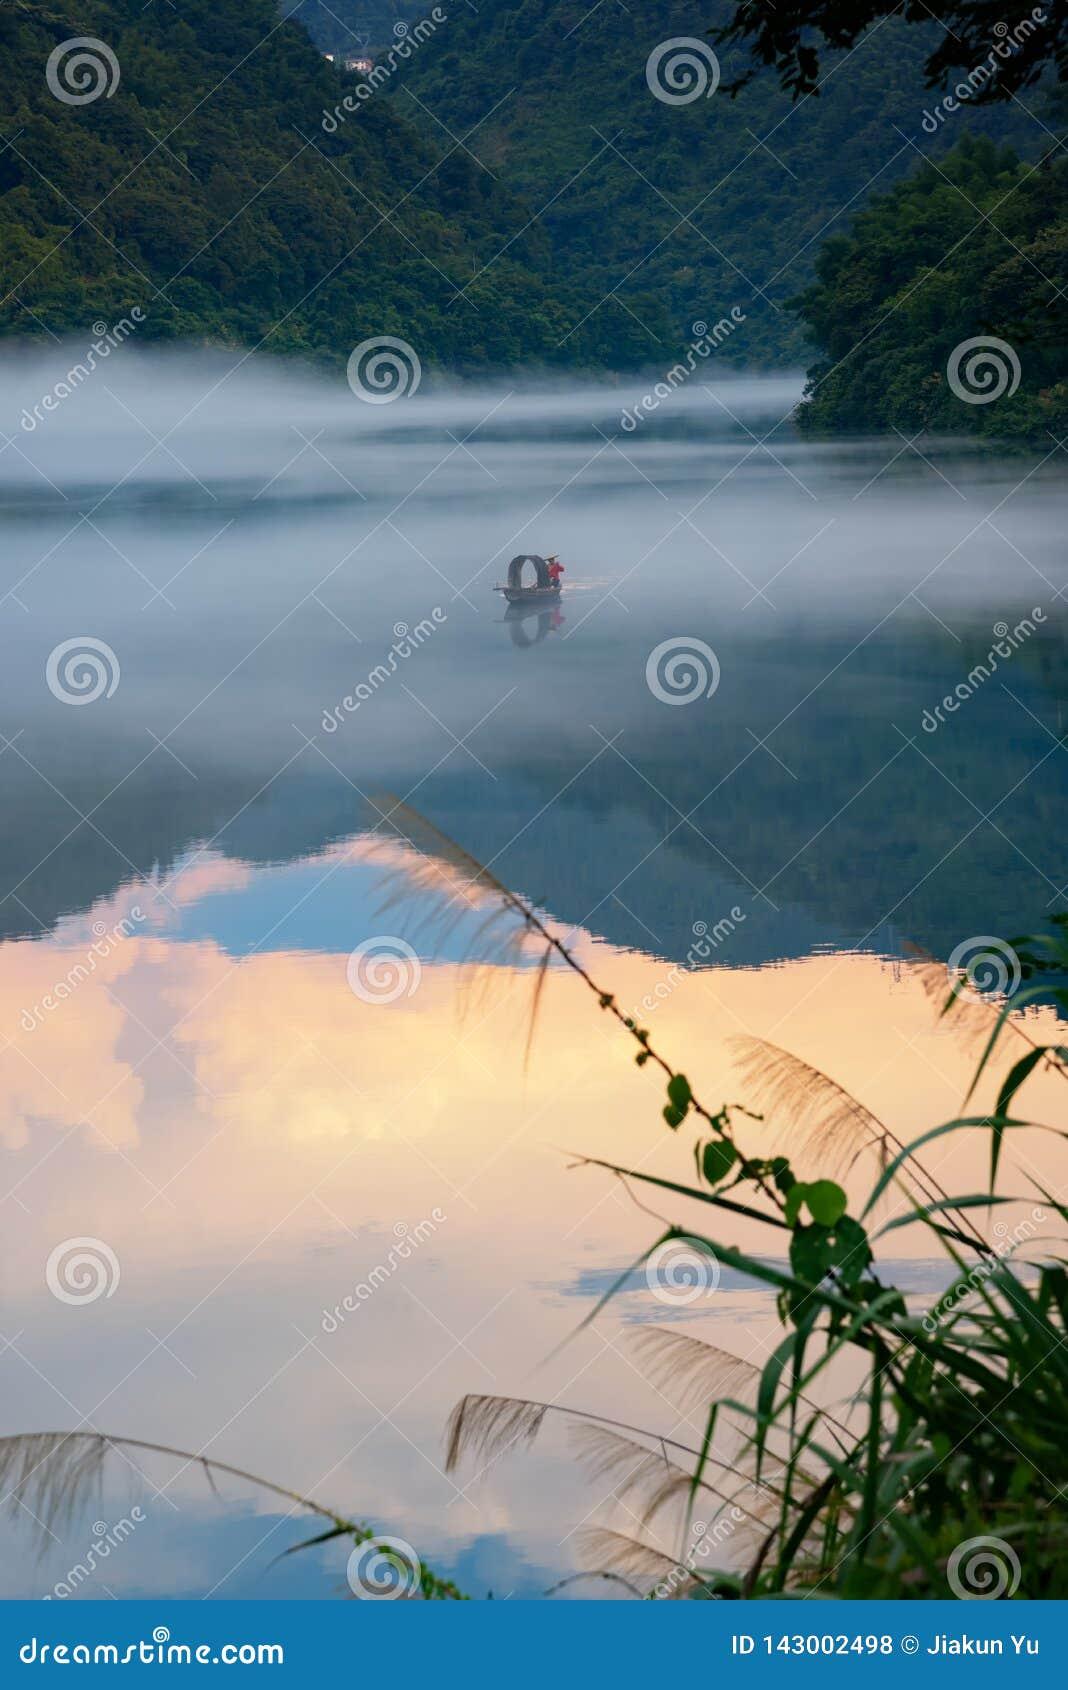 Un fishman en el barco en la niebla en el río, la reflexión de oro de la nube en la superficie del agua